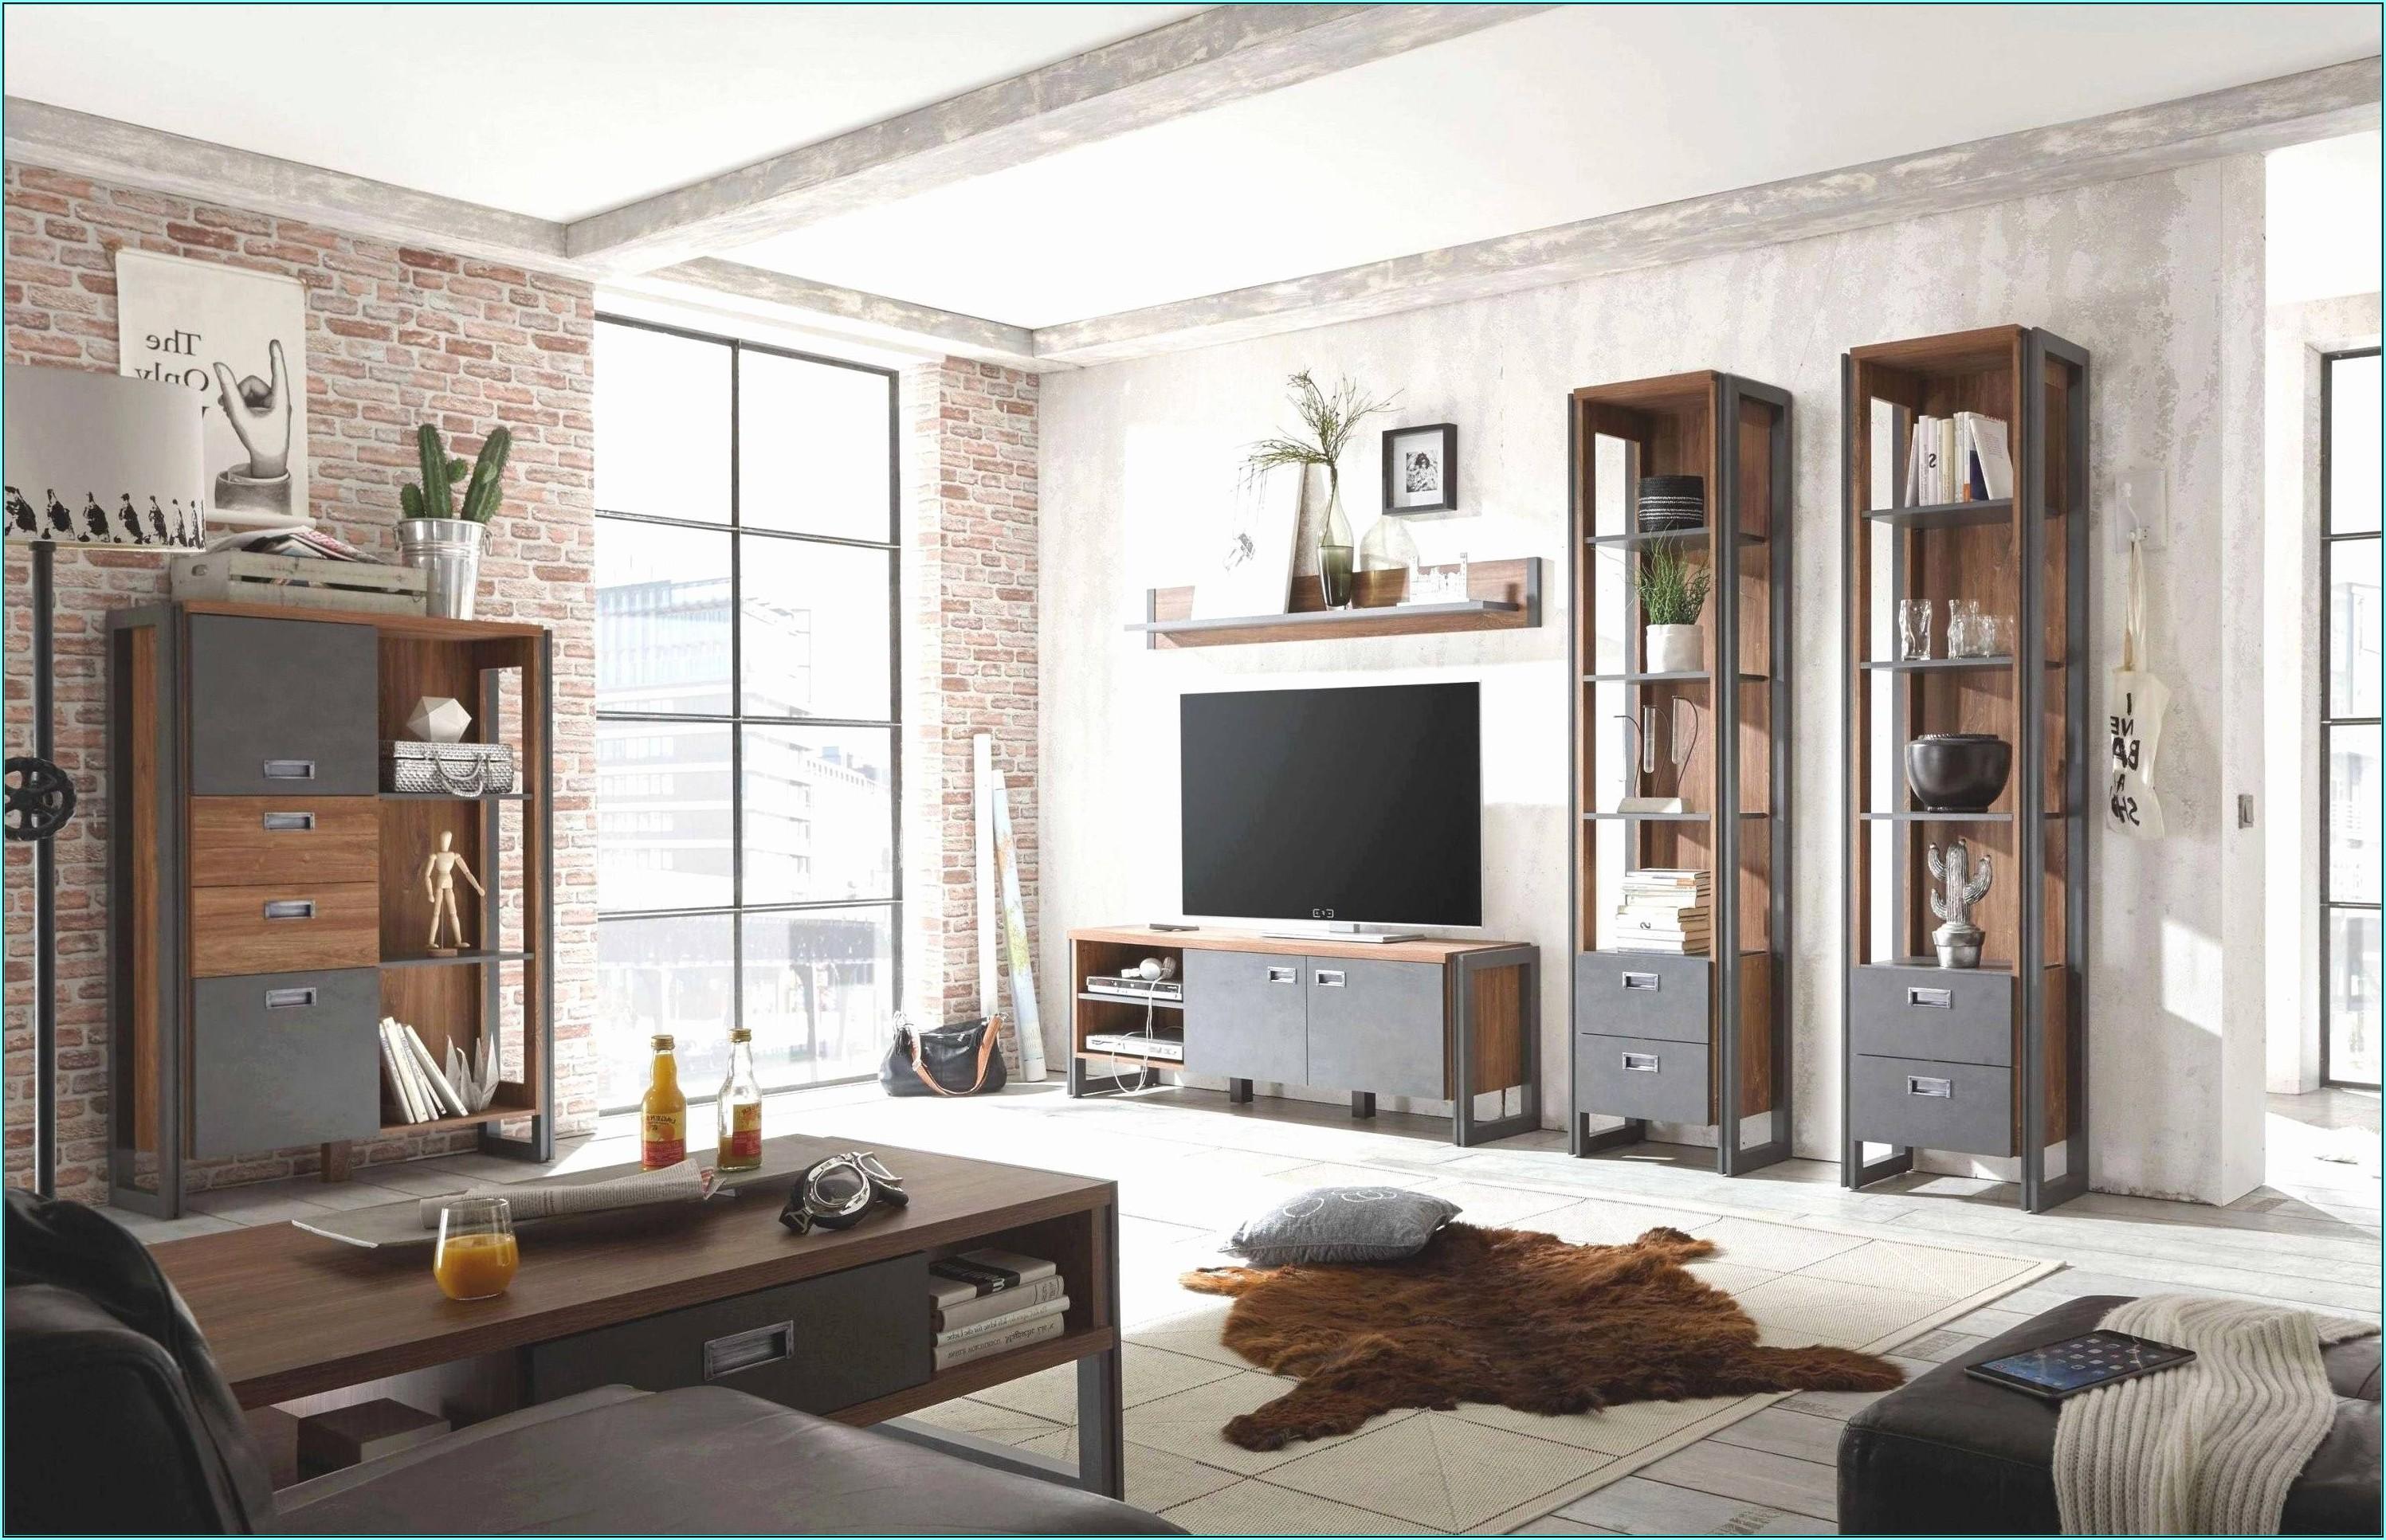 Schmales Wohnzimmer Ideen - wohnzimmer : House und Dekor ...